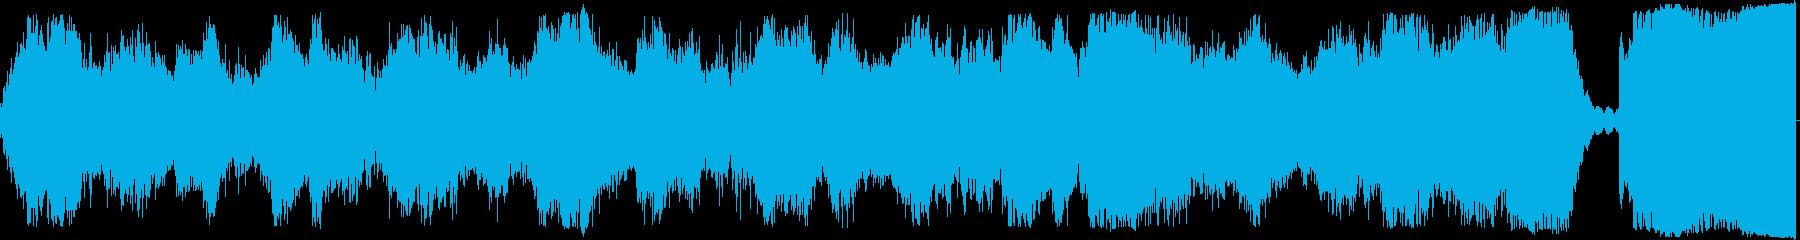 時計の音が入った怖いBGMの再生済みの波形